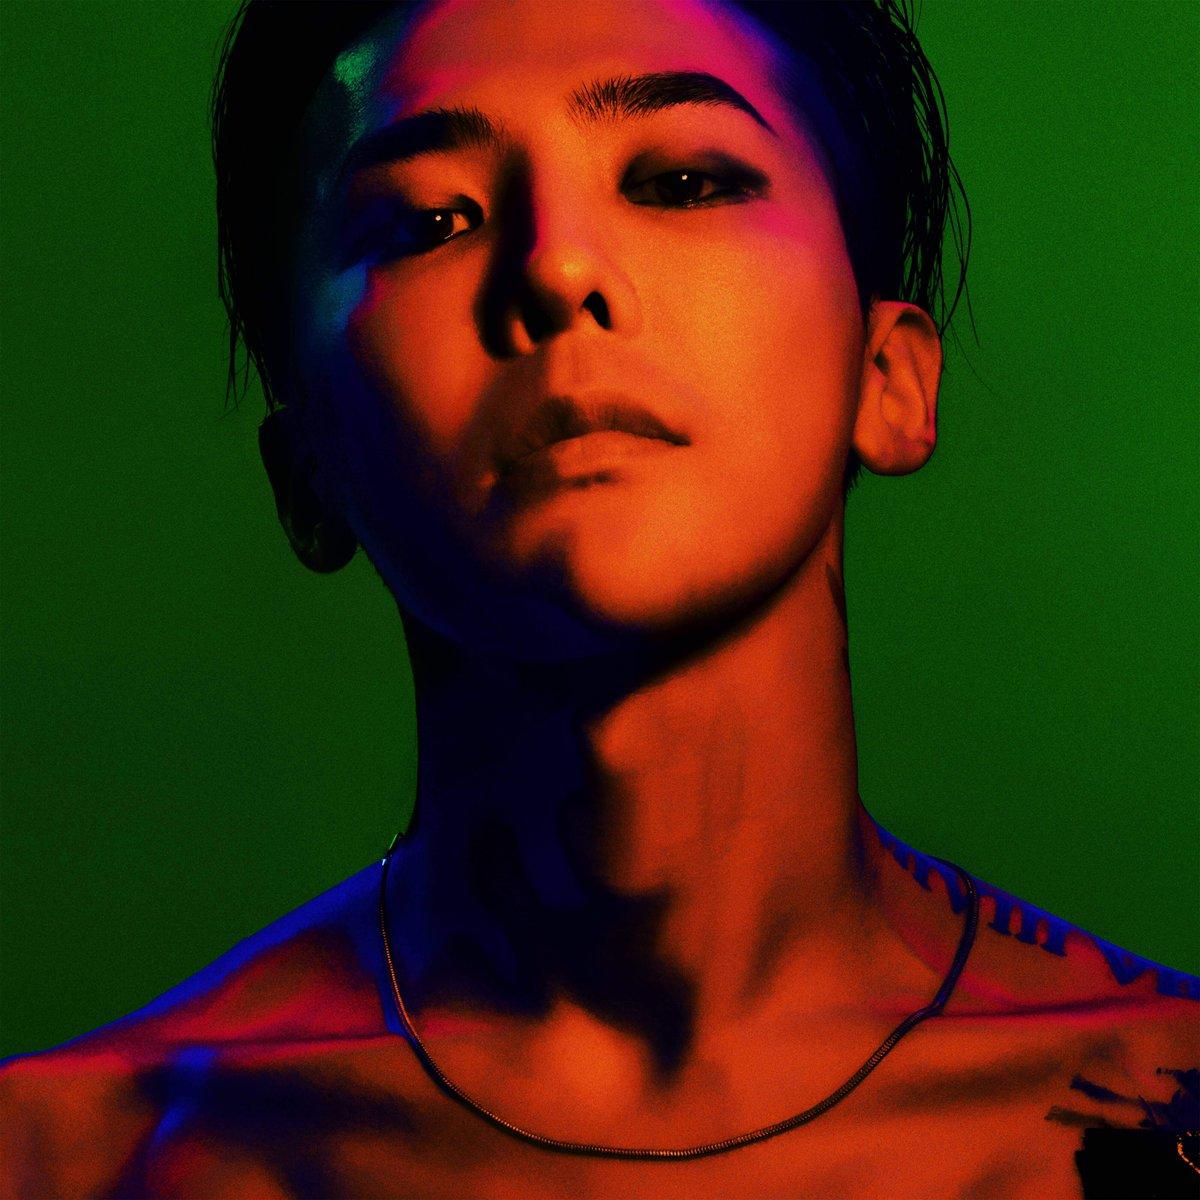 最近發行正規四輯《權志龍》的G-Dragon,成績真的相當驚人啊! 5首歌曲全空降各大音源榜前5名,再次讓人見識到G-Dragon的影響力和人氣!